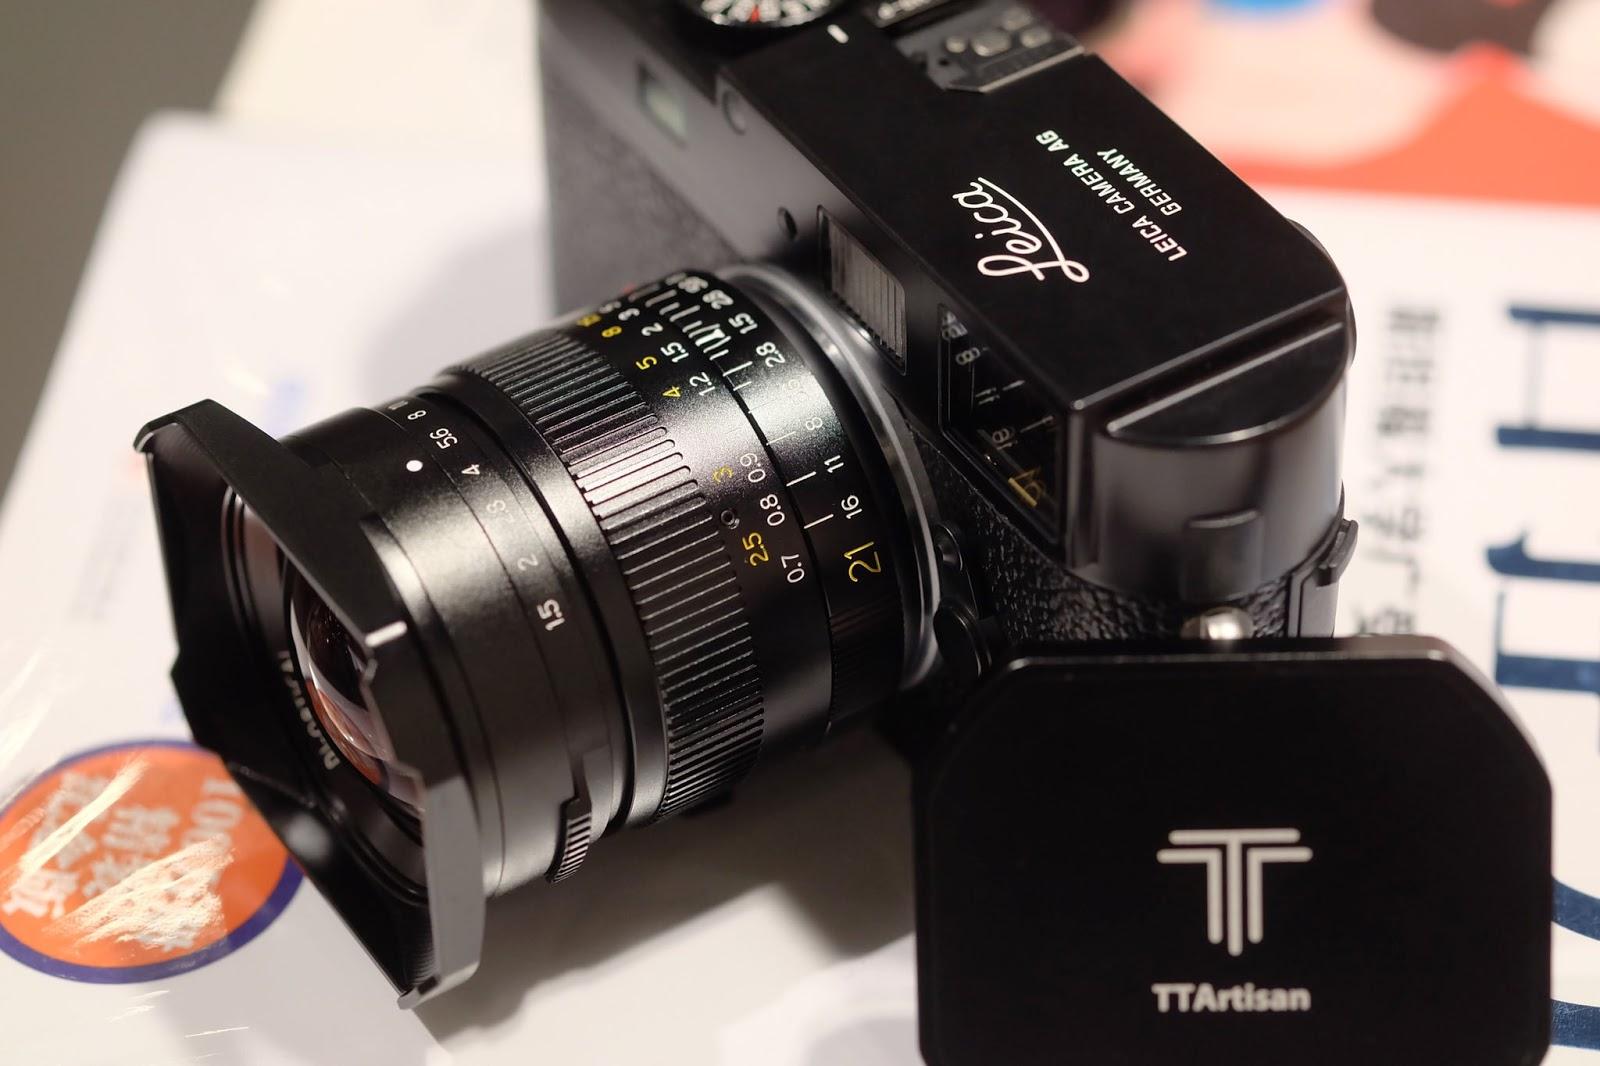 Объектив TTArtisan 21mm f/1.5 с камерой Leica